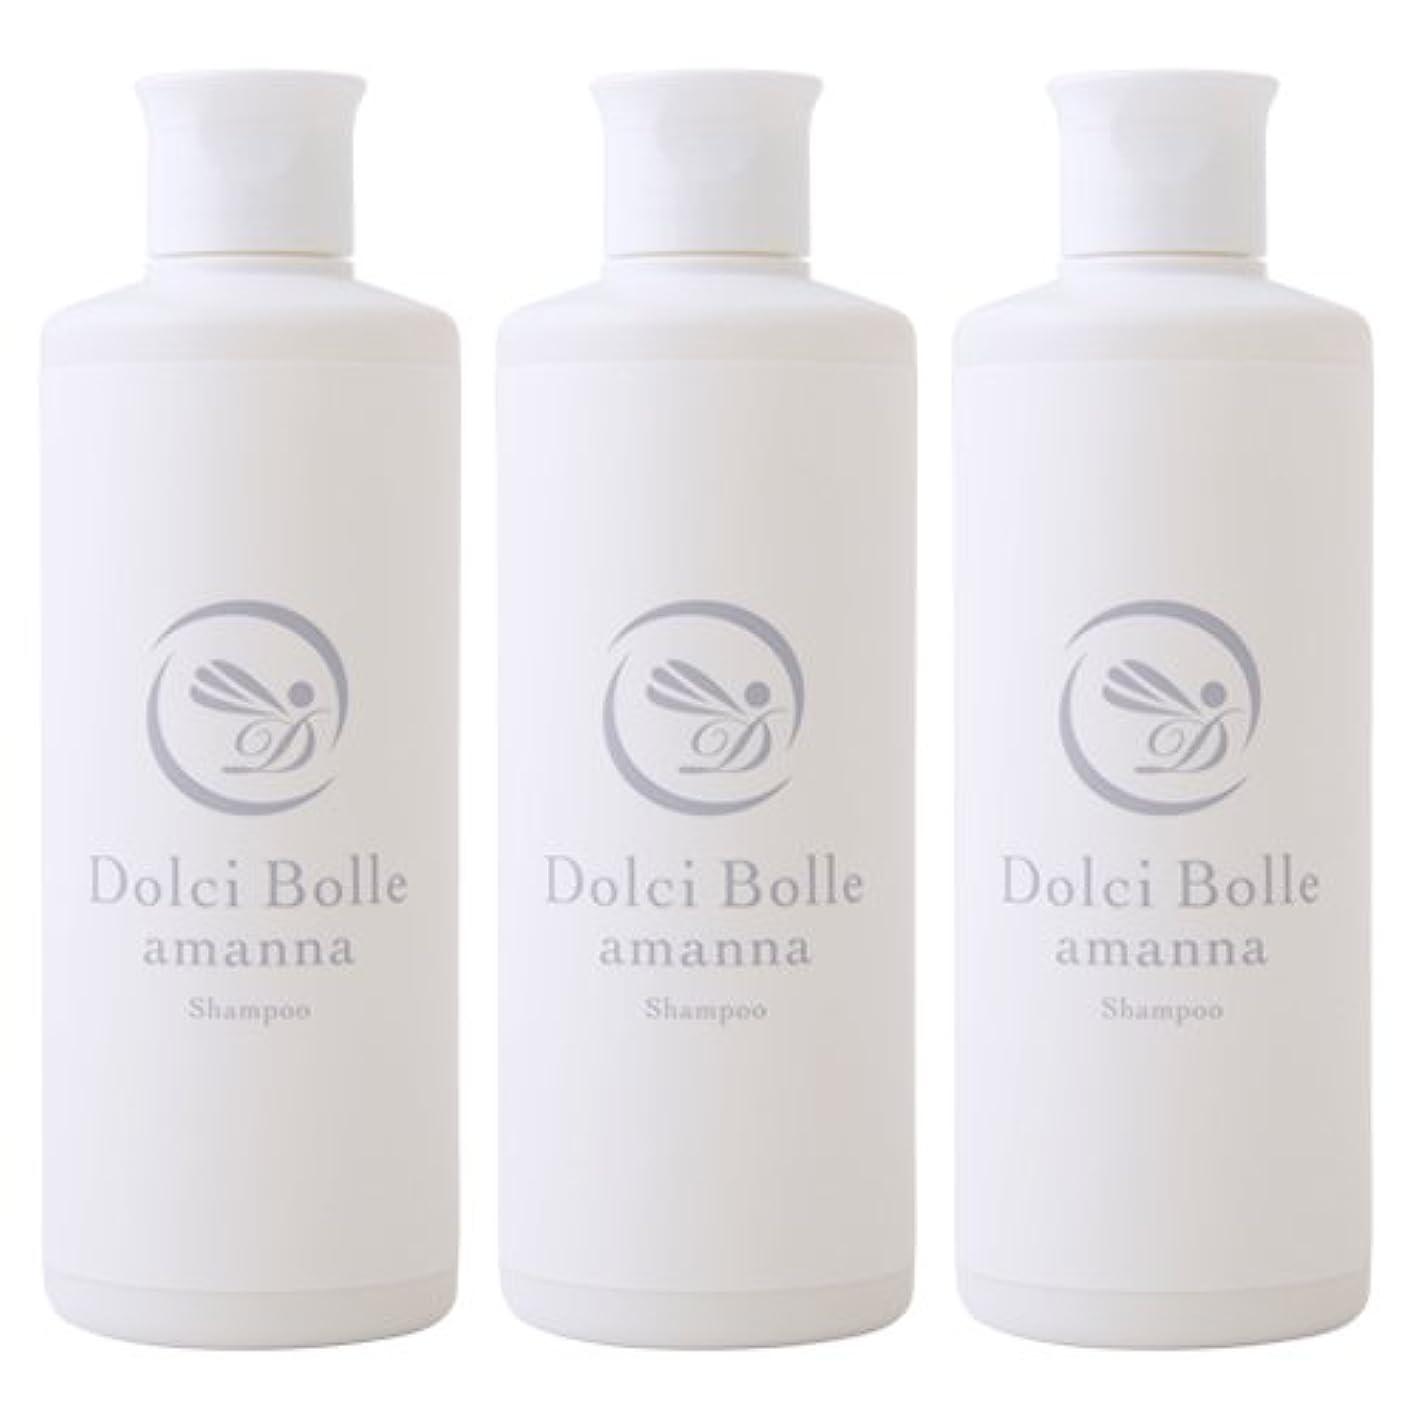 ルーム式扇動するDolci Bolle(ドルチボーレ) amanna(アマンナ) シャンプー 300ml 3本セット